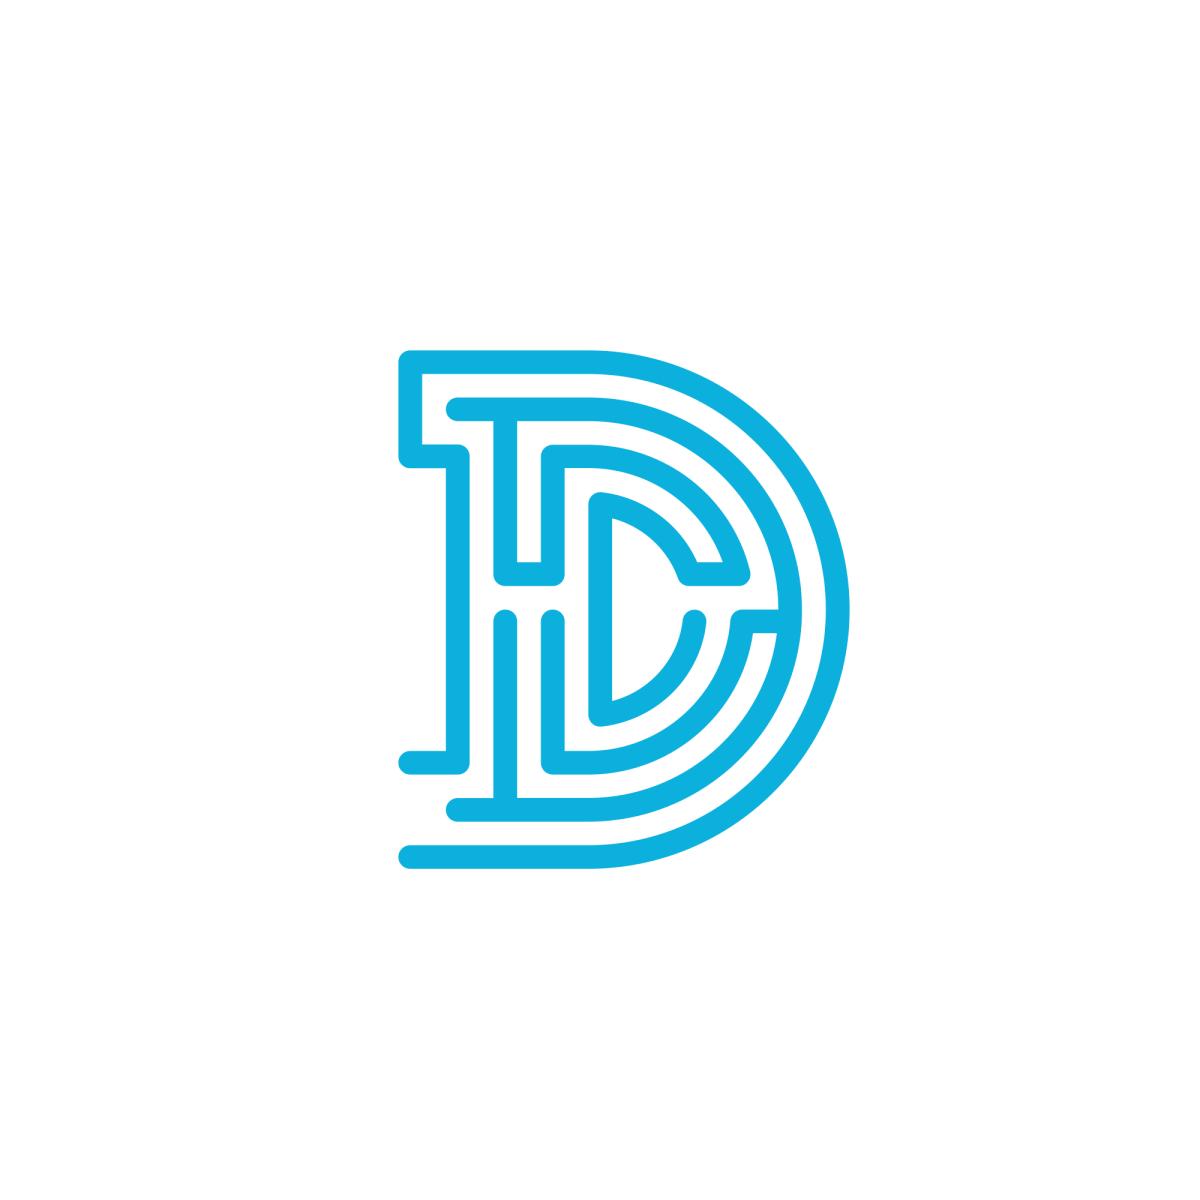 Daedalus Logo United States Letter D Letter Logo Logos